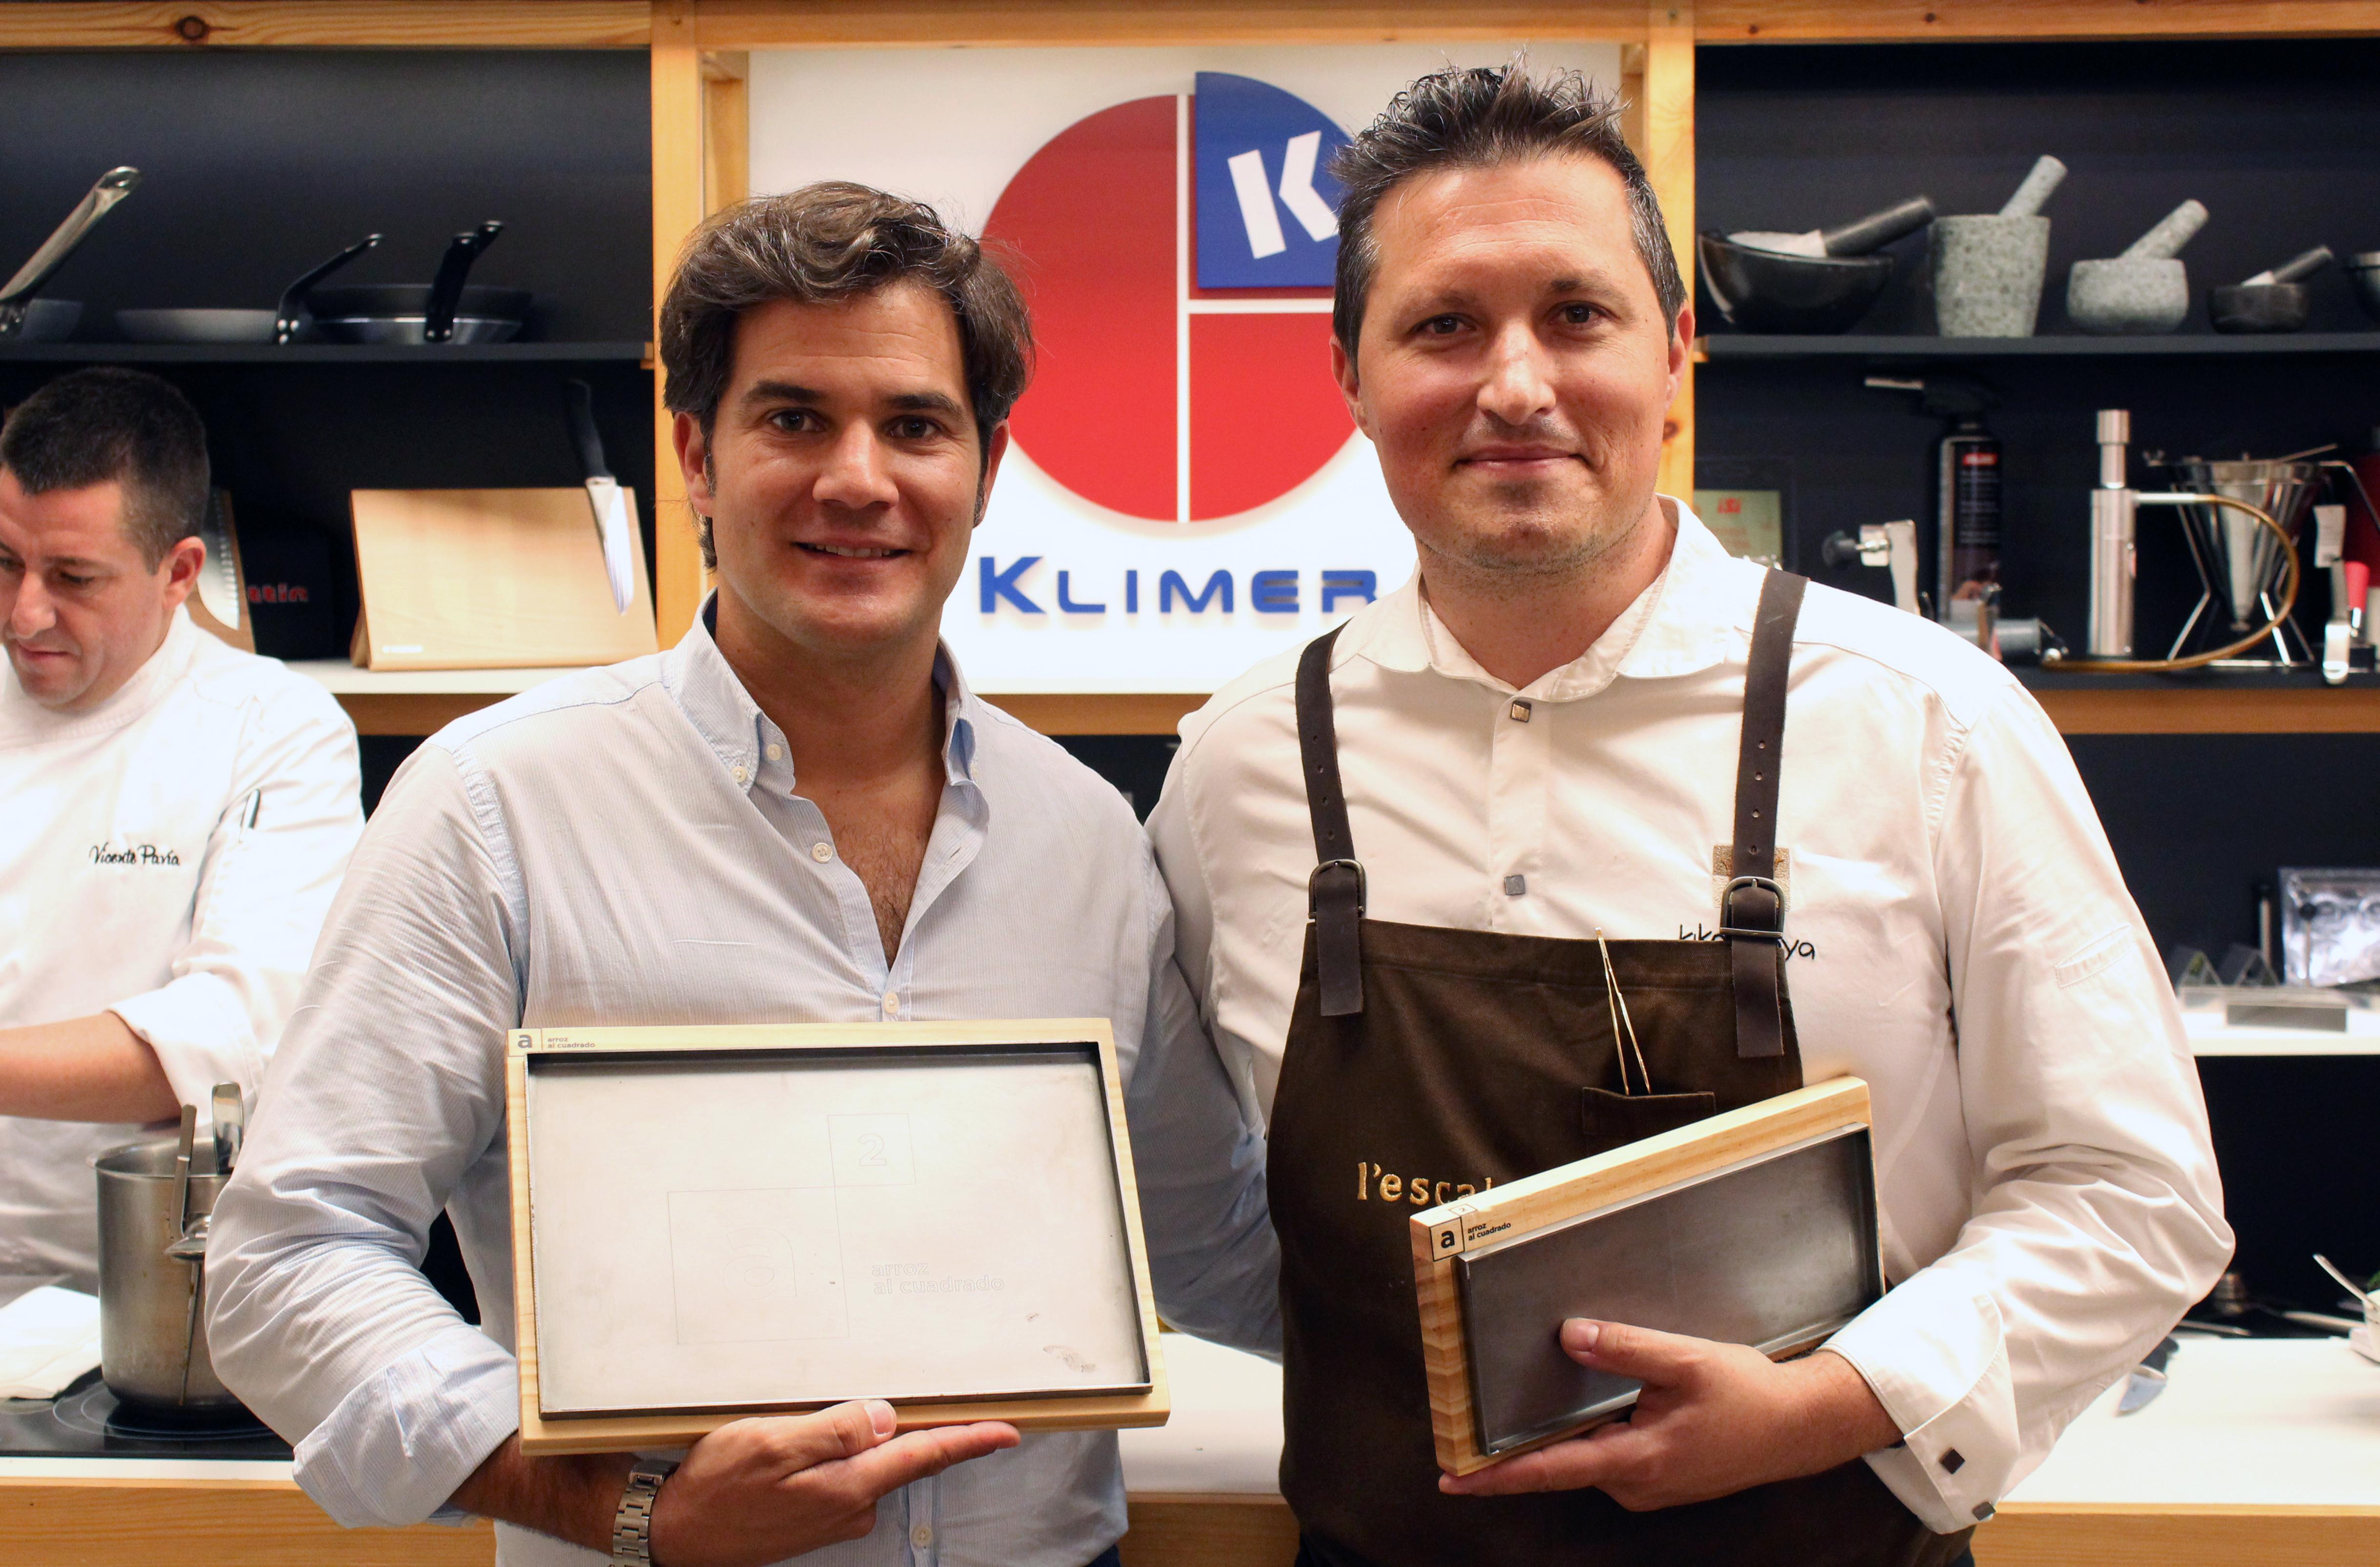 Kiko Moya y Klimer presentan las bandejas de madera y hierro